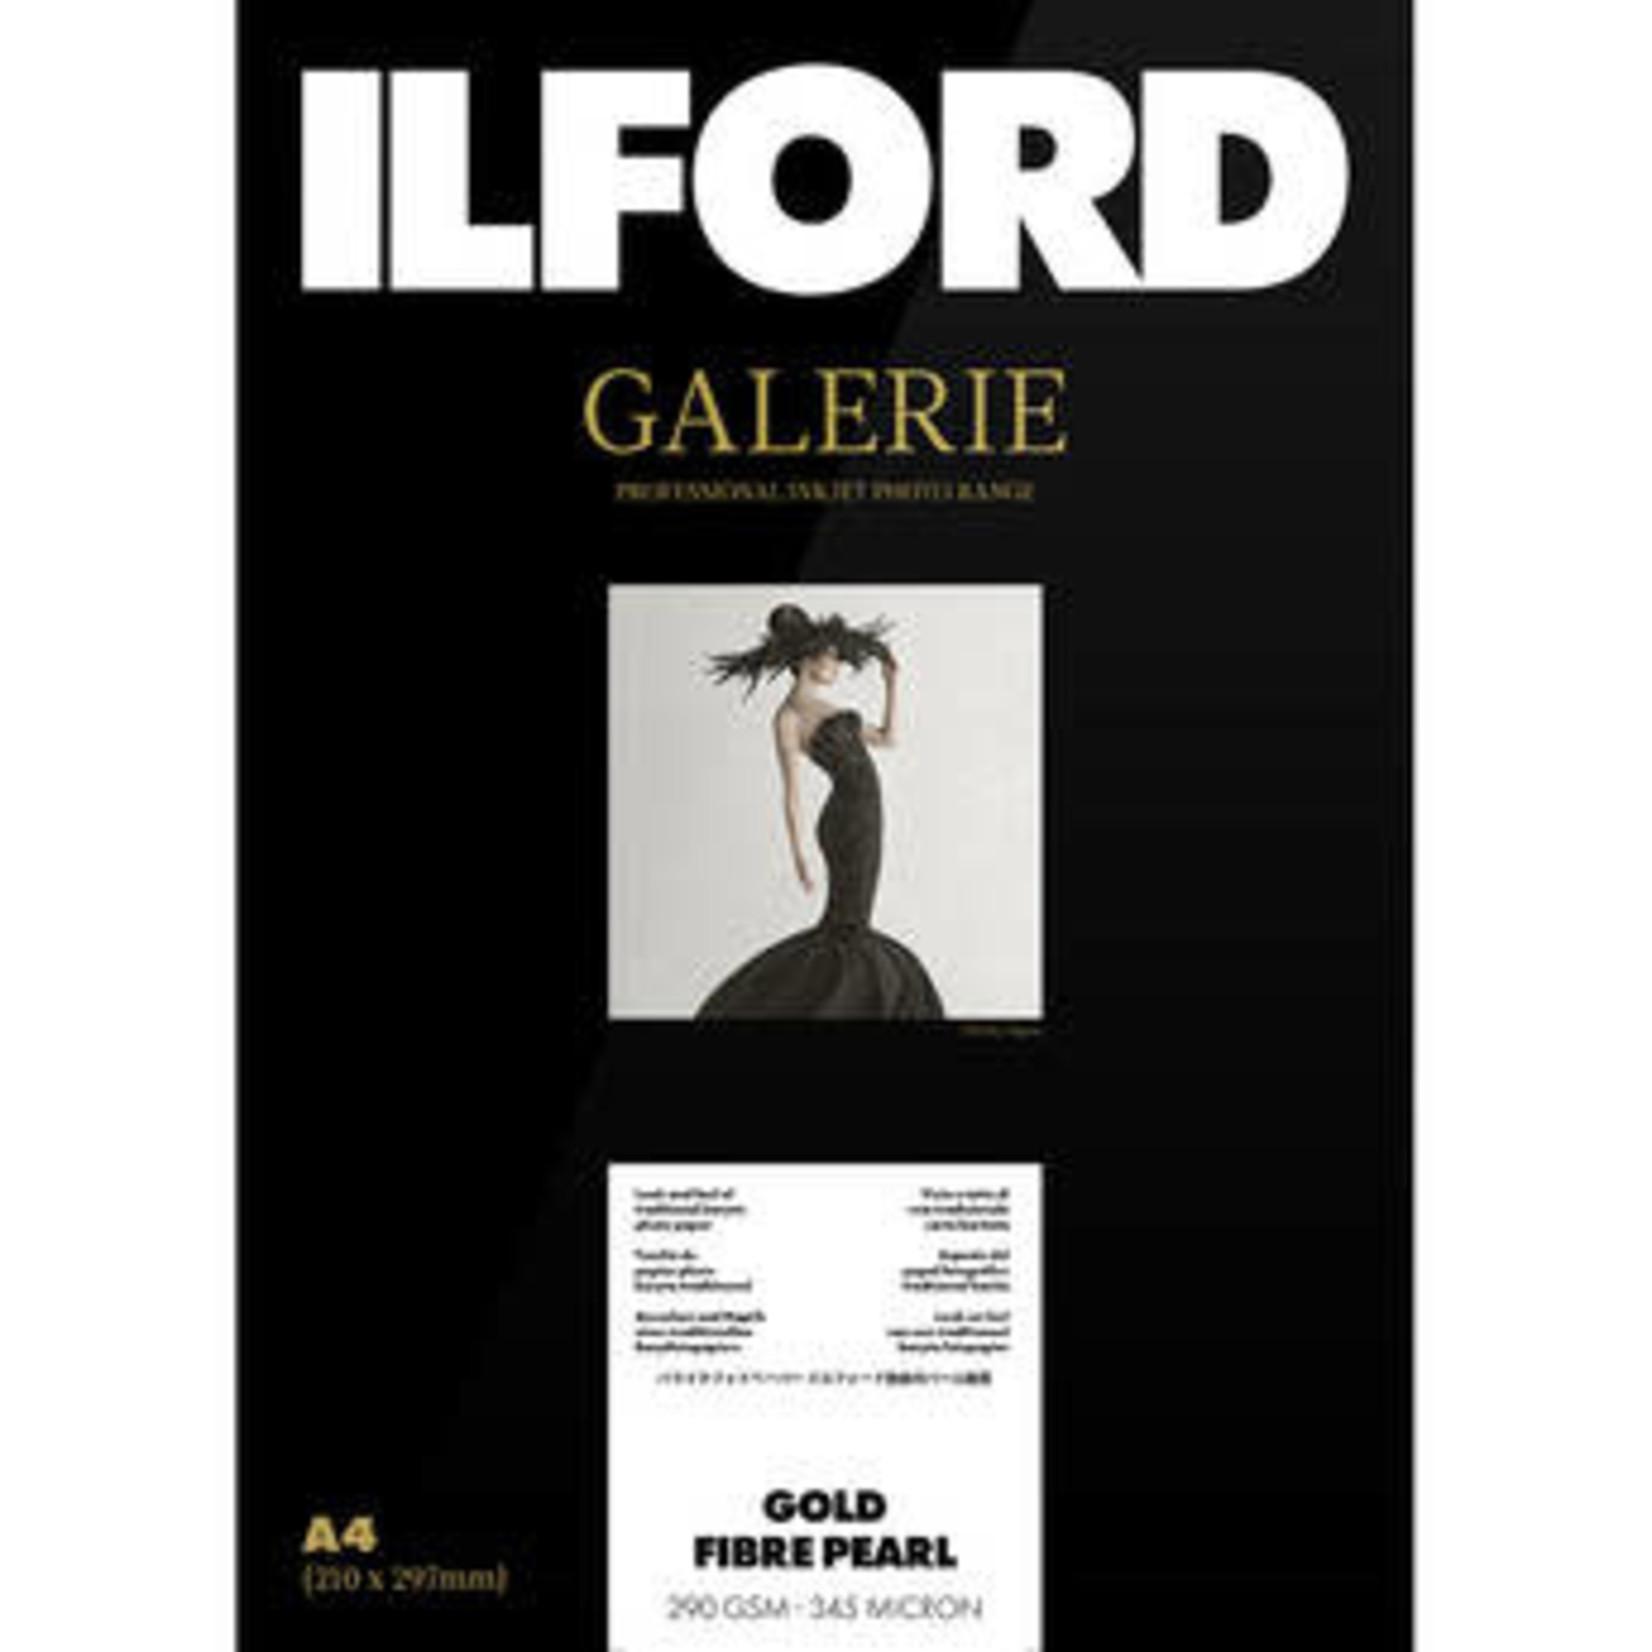 Ilford Galerie Gold Fibre Pearl 8.5x11 (25 PK)